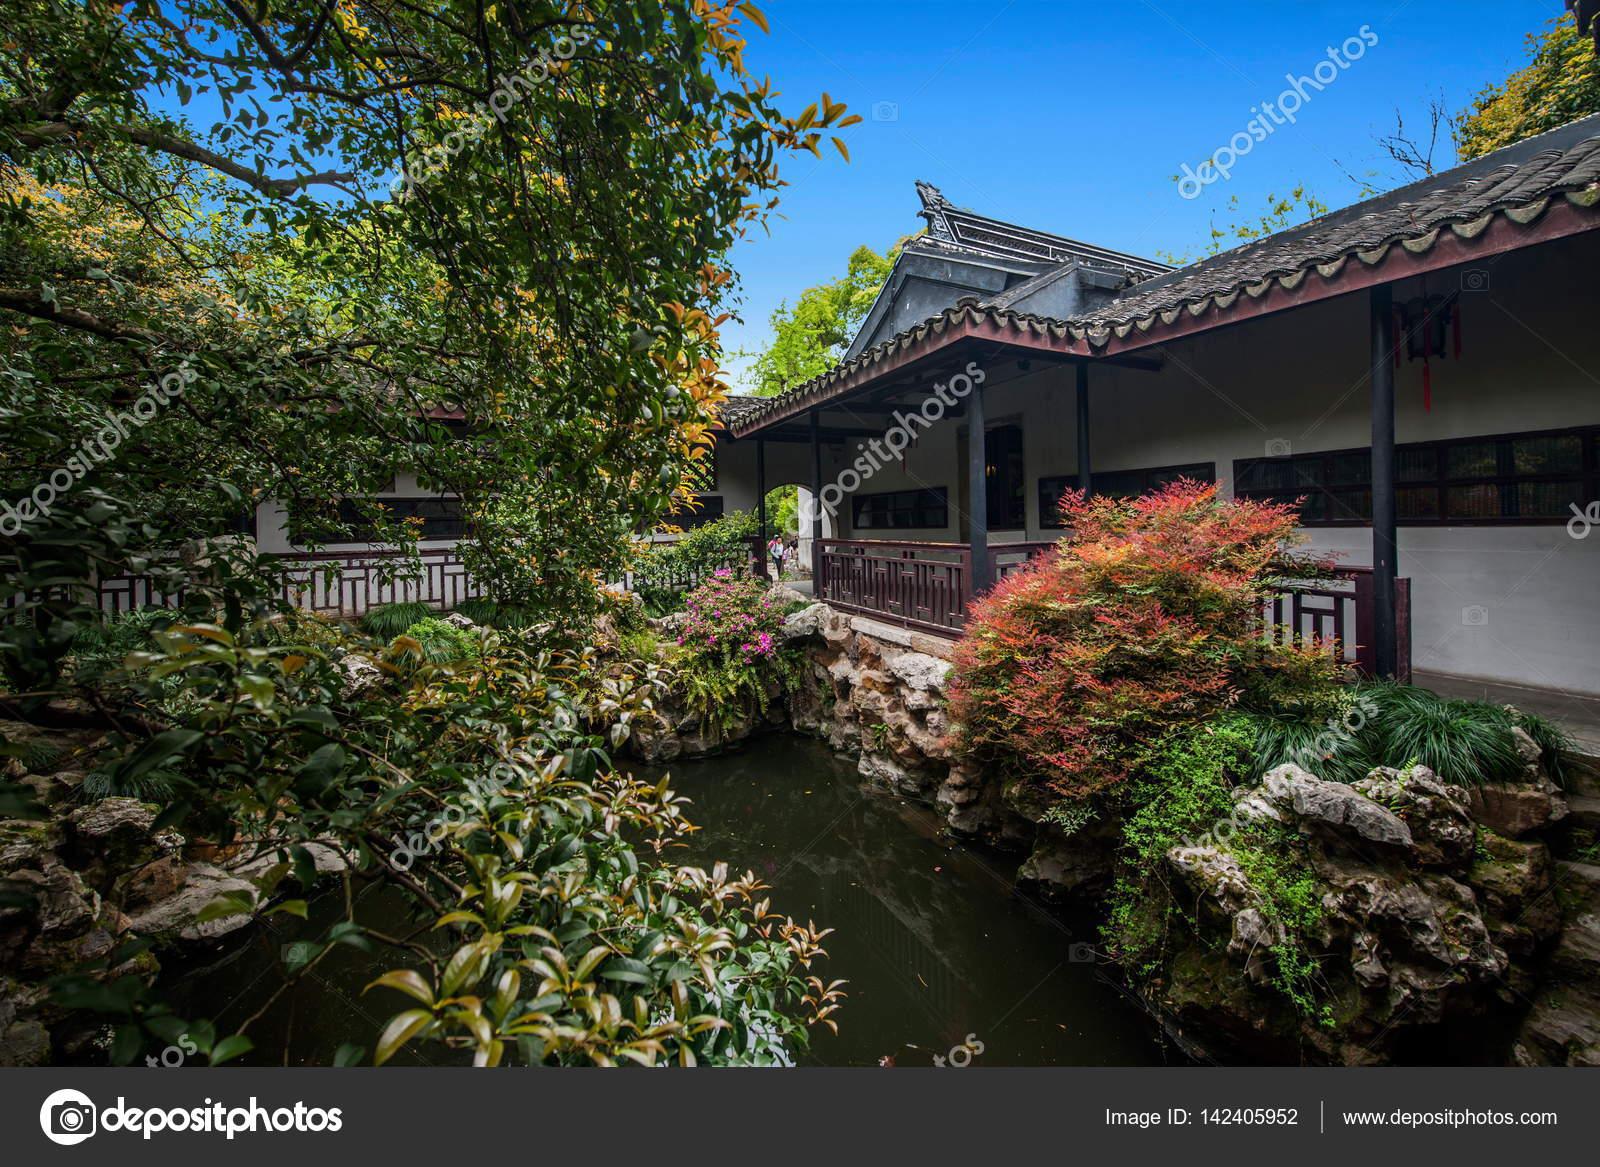 Park Als Tuin : Wuxi wuxi huishan verzenden chang park tuin bouw u stockfoto